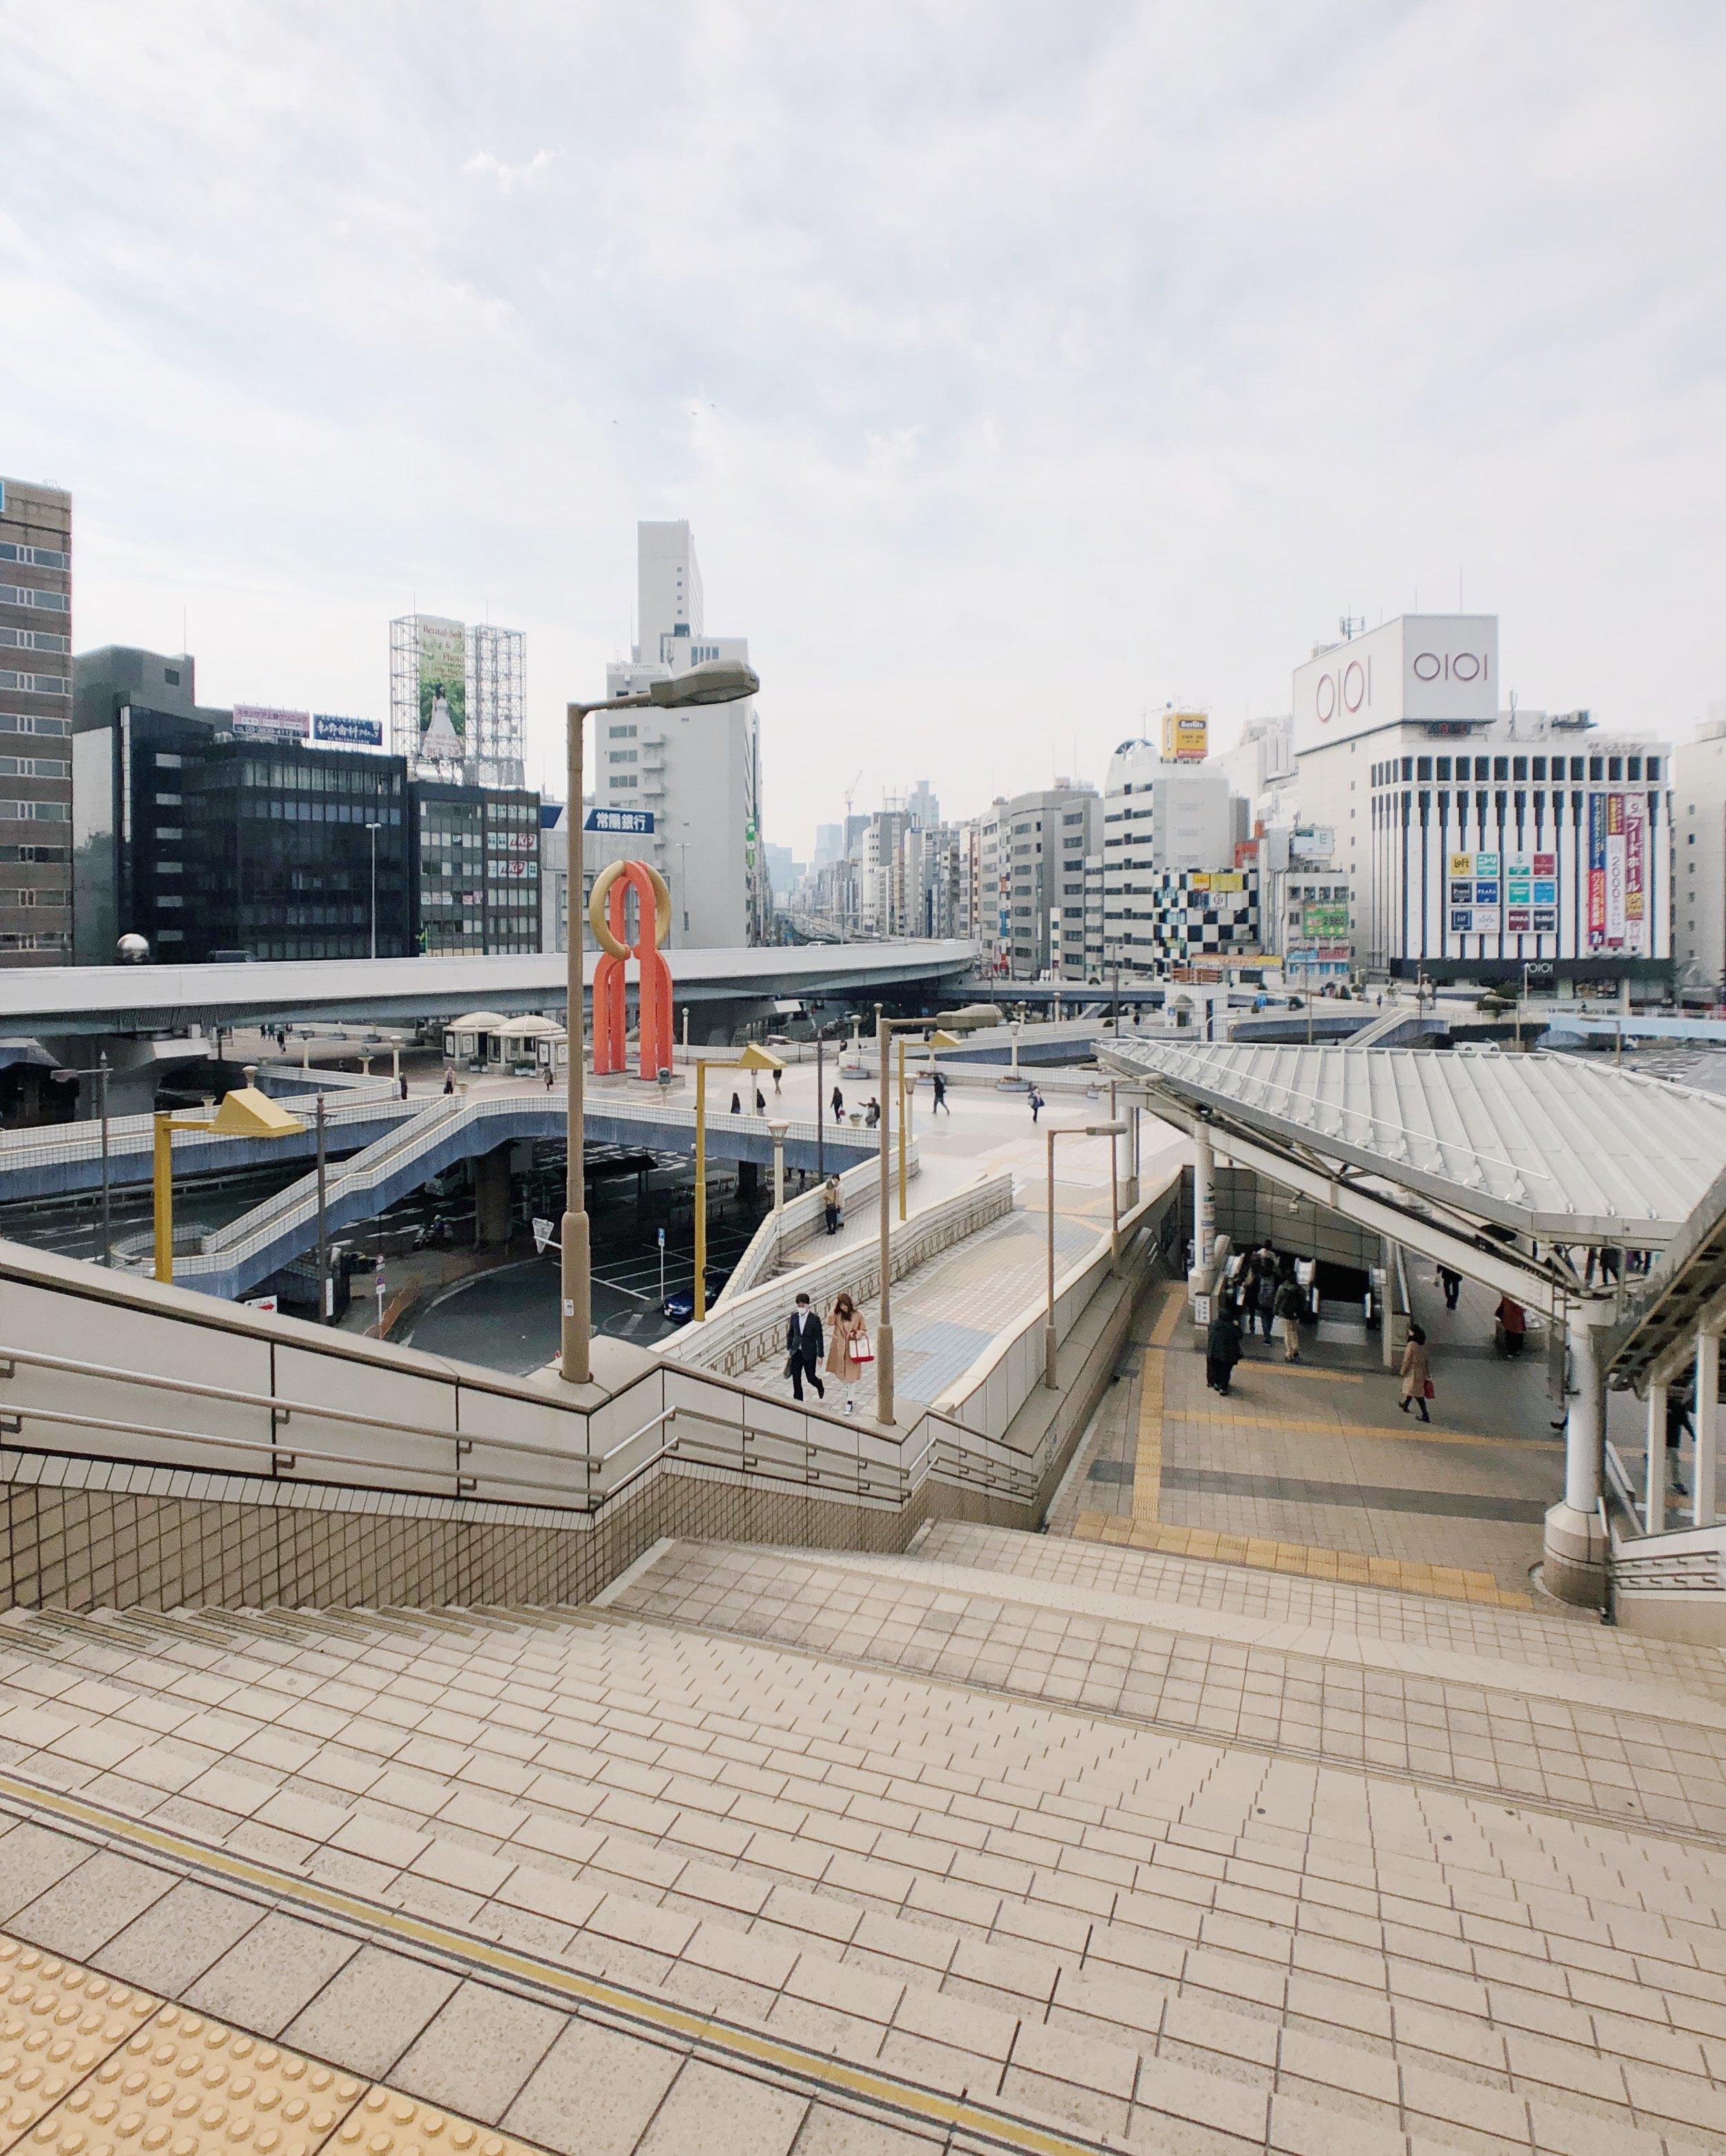 Underpass, overpass, cars, pedestrians.